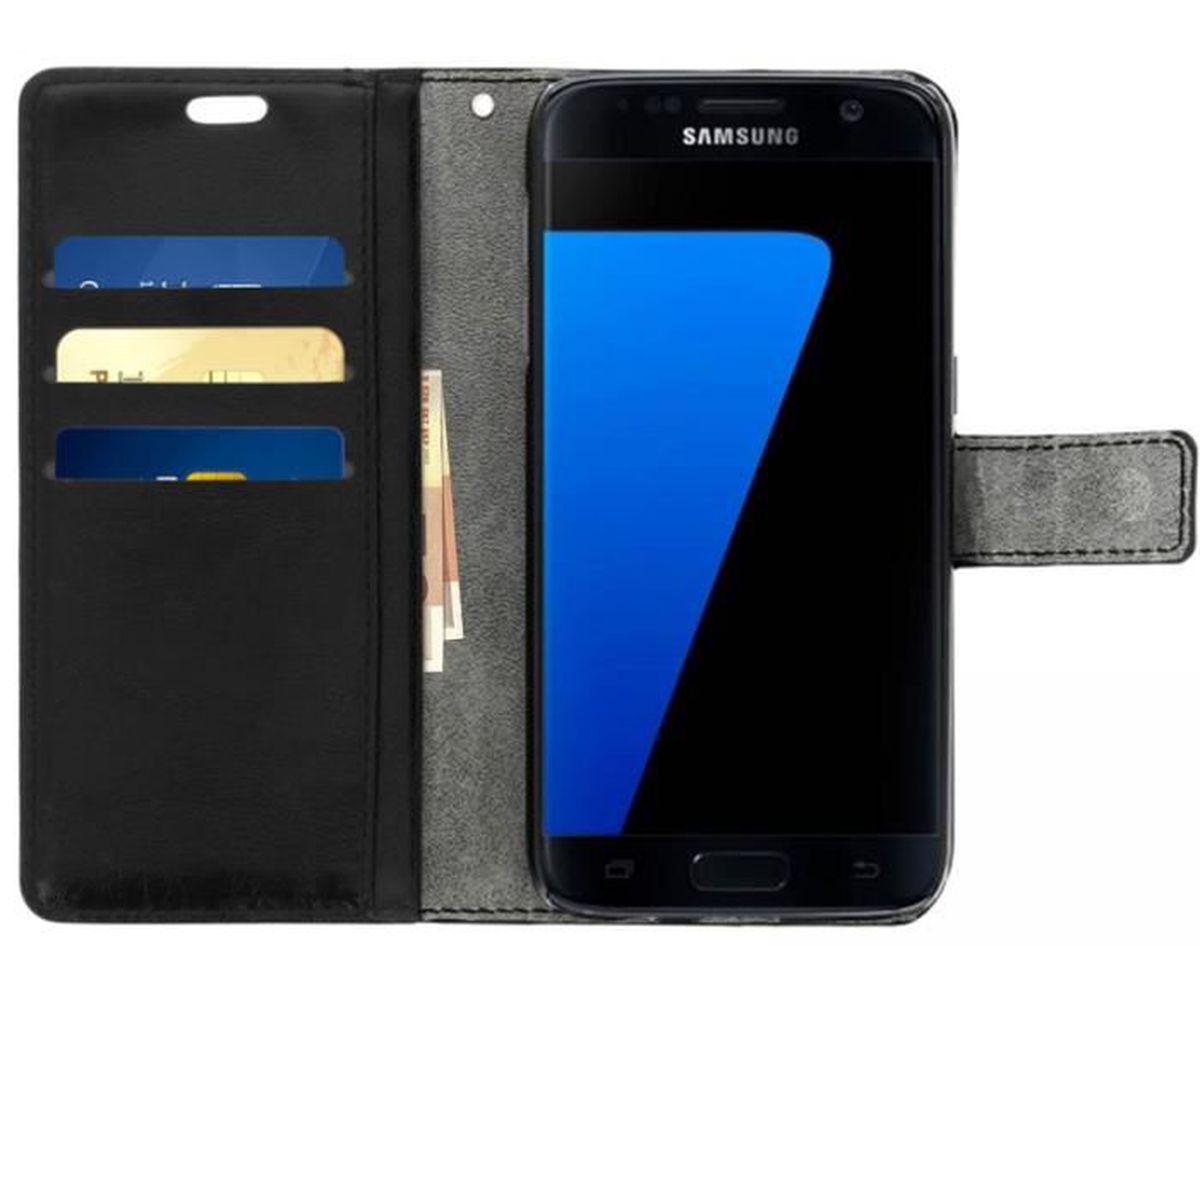 Ancase Portefeuille Coque pour Samsung Galaxy S7 Motif /à Rabat en Cuir Porte Carte Flip Case Cover Housse Etui pour Fille Femme Plume de Marbre